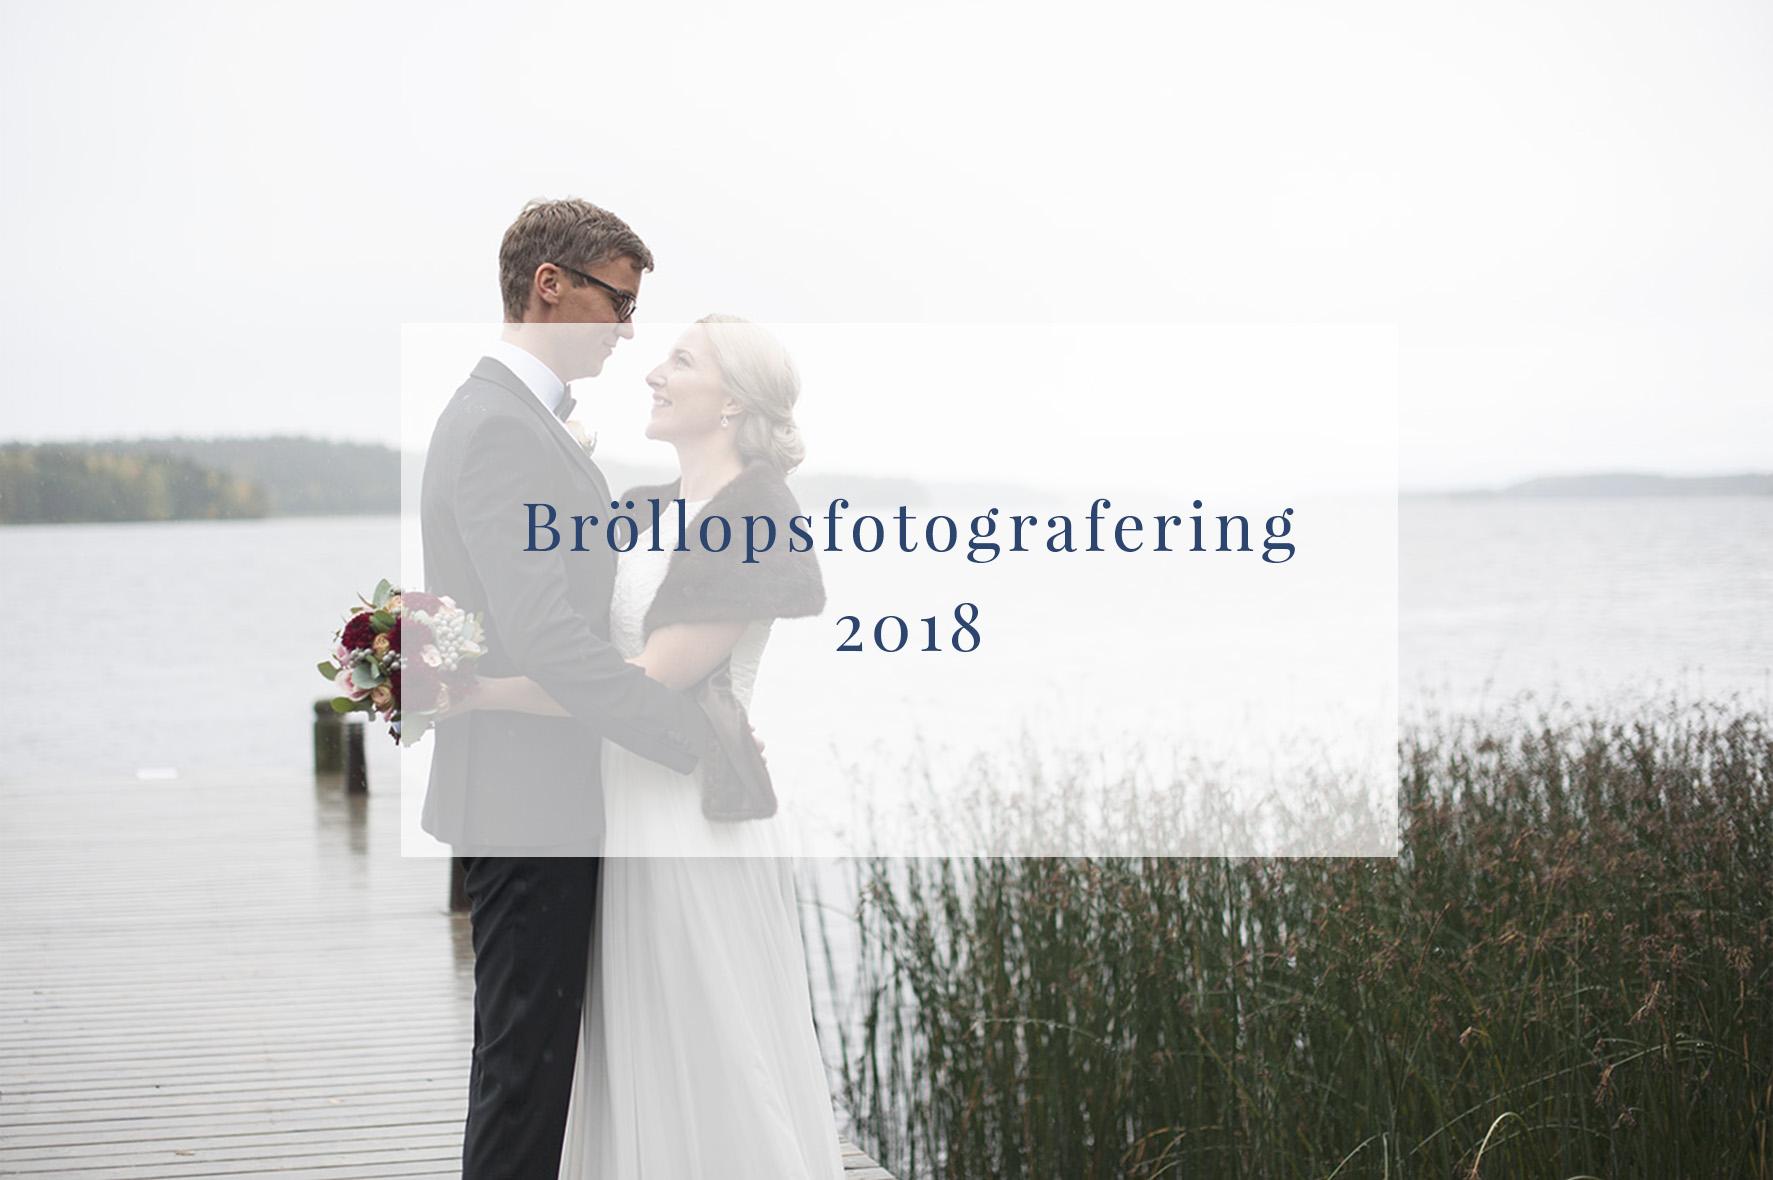 bröllop 2018.PRISER